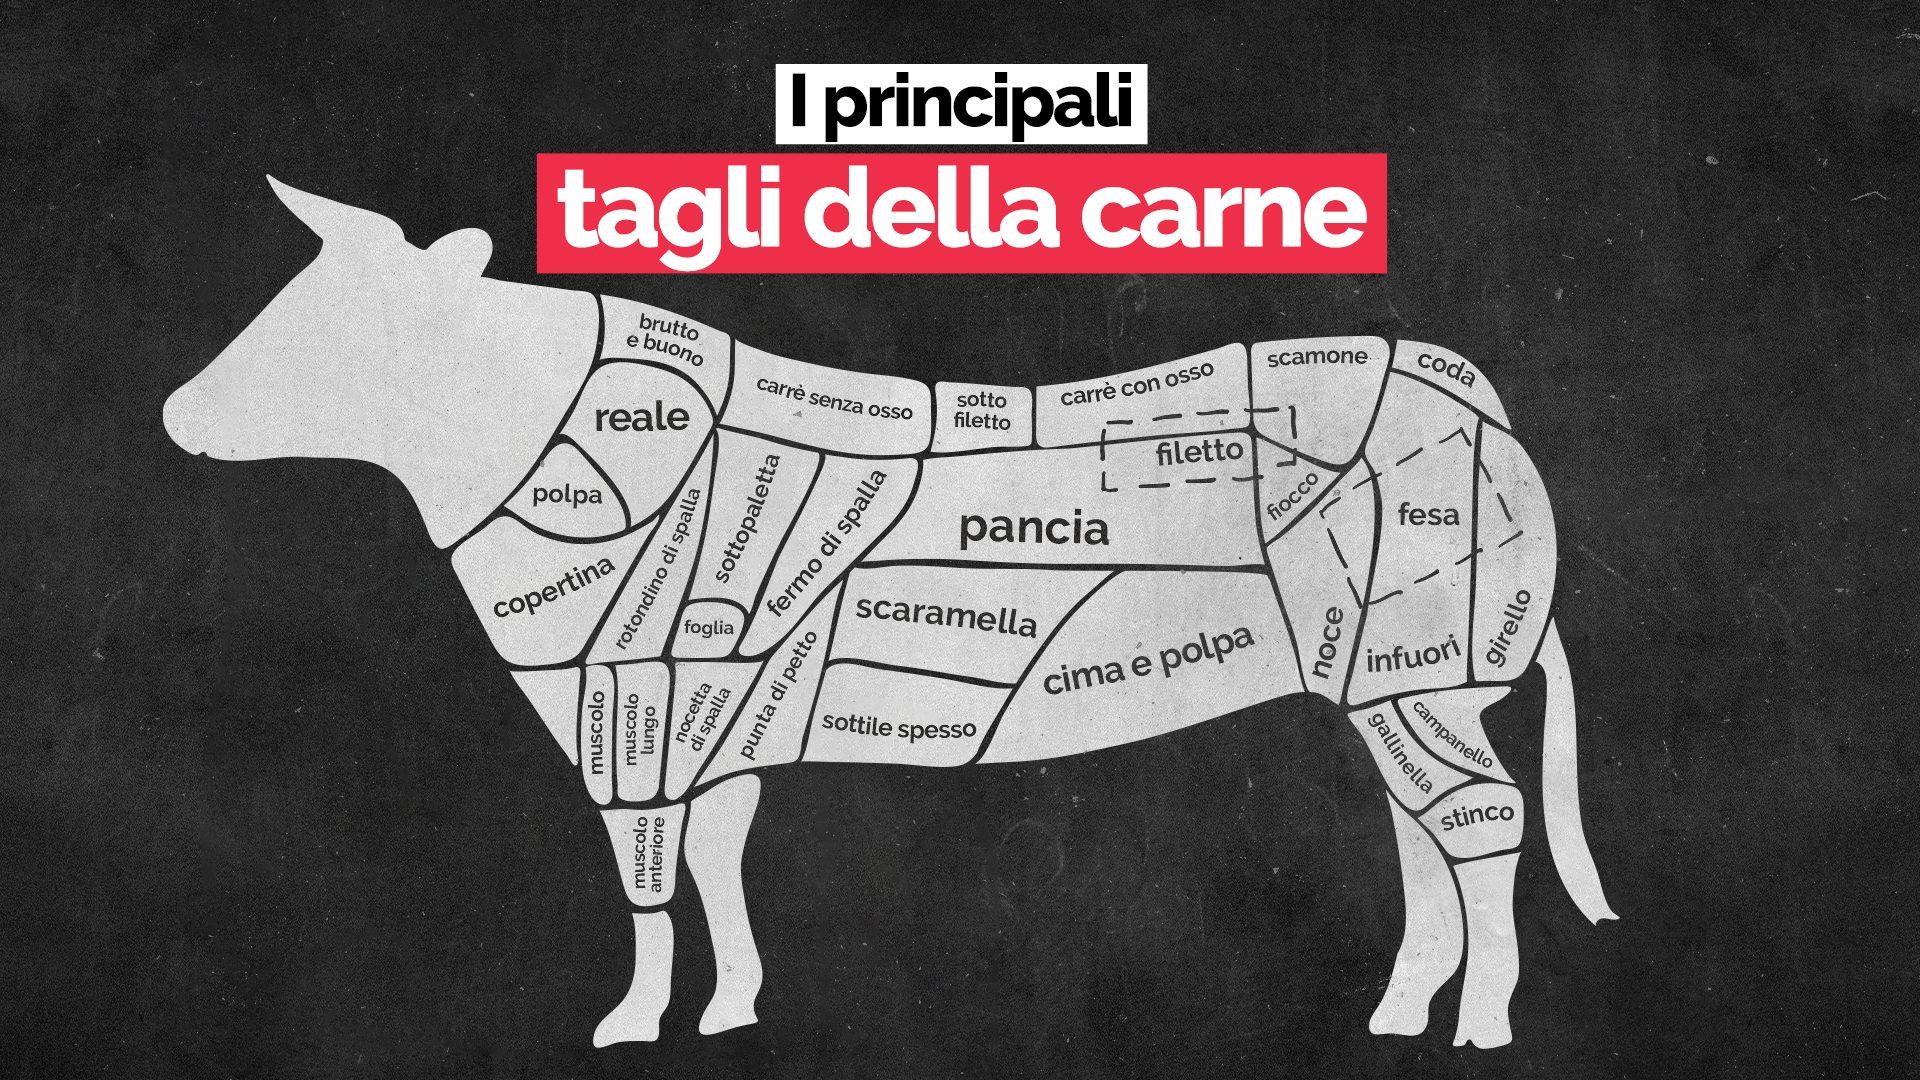 Tagli di carne: come riconoscere i più comuni tagli di manzo e come cucinarli al meglio